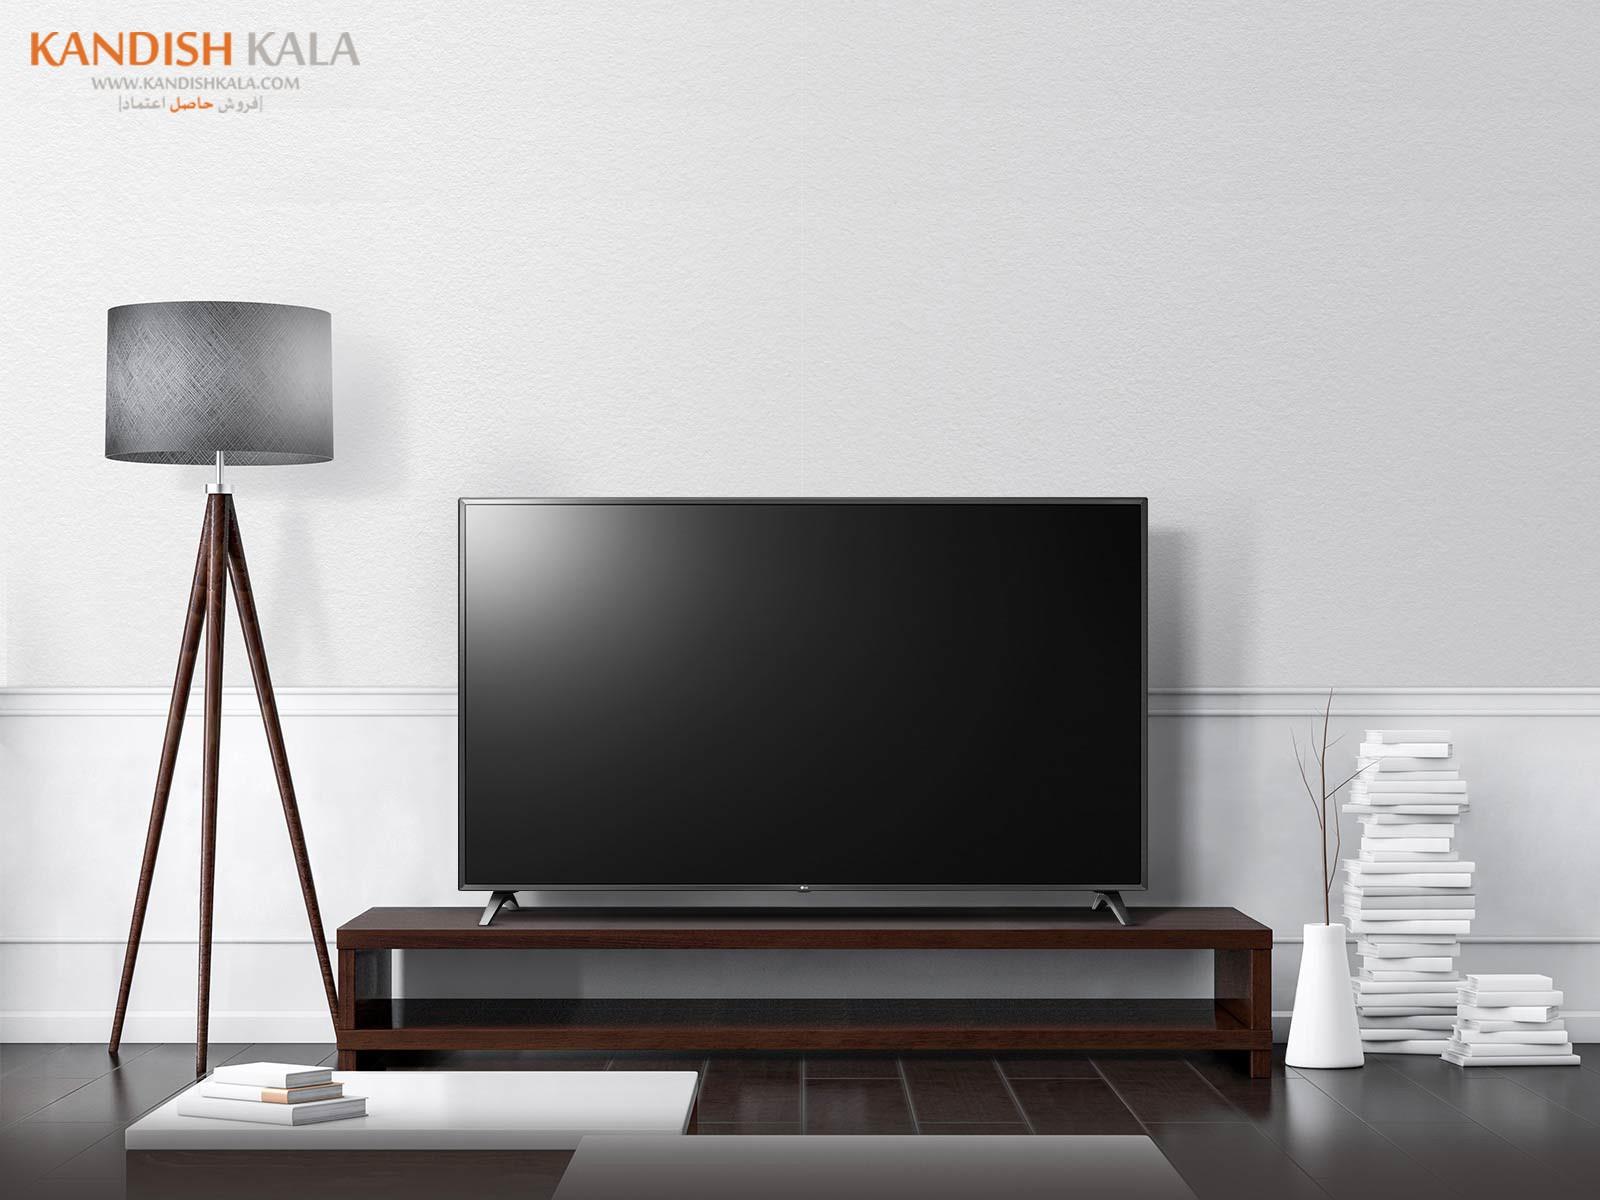 قیمت تلویزیون 49 ال جی مدل 49UM7490